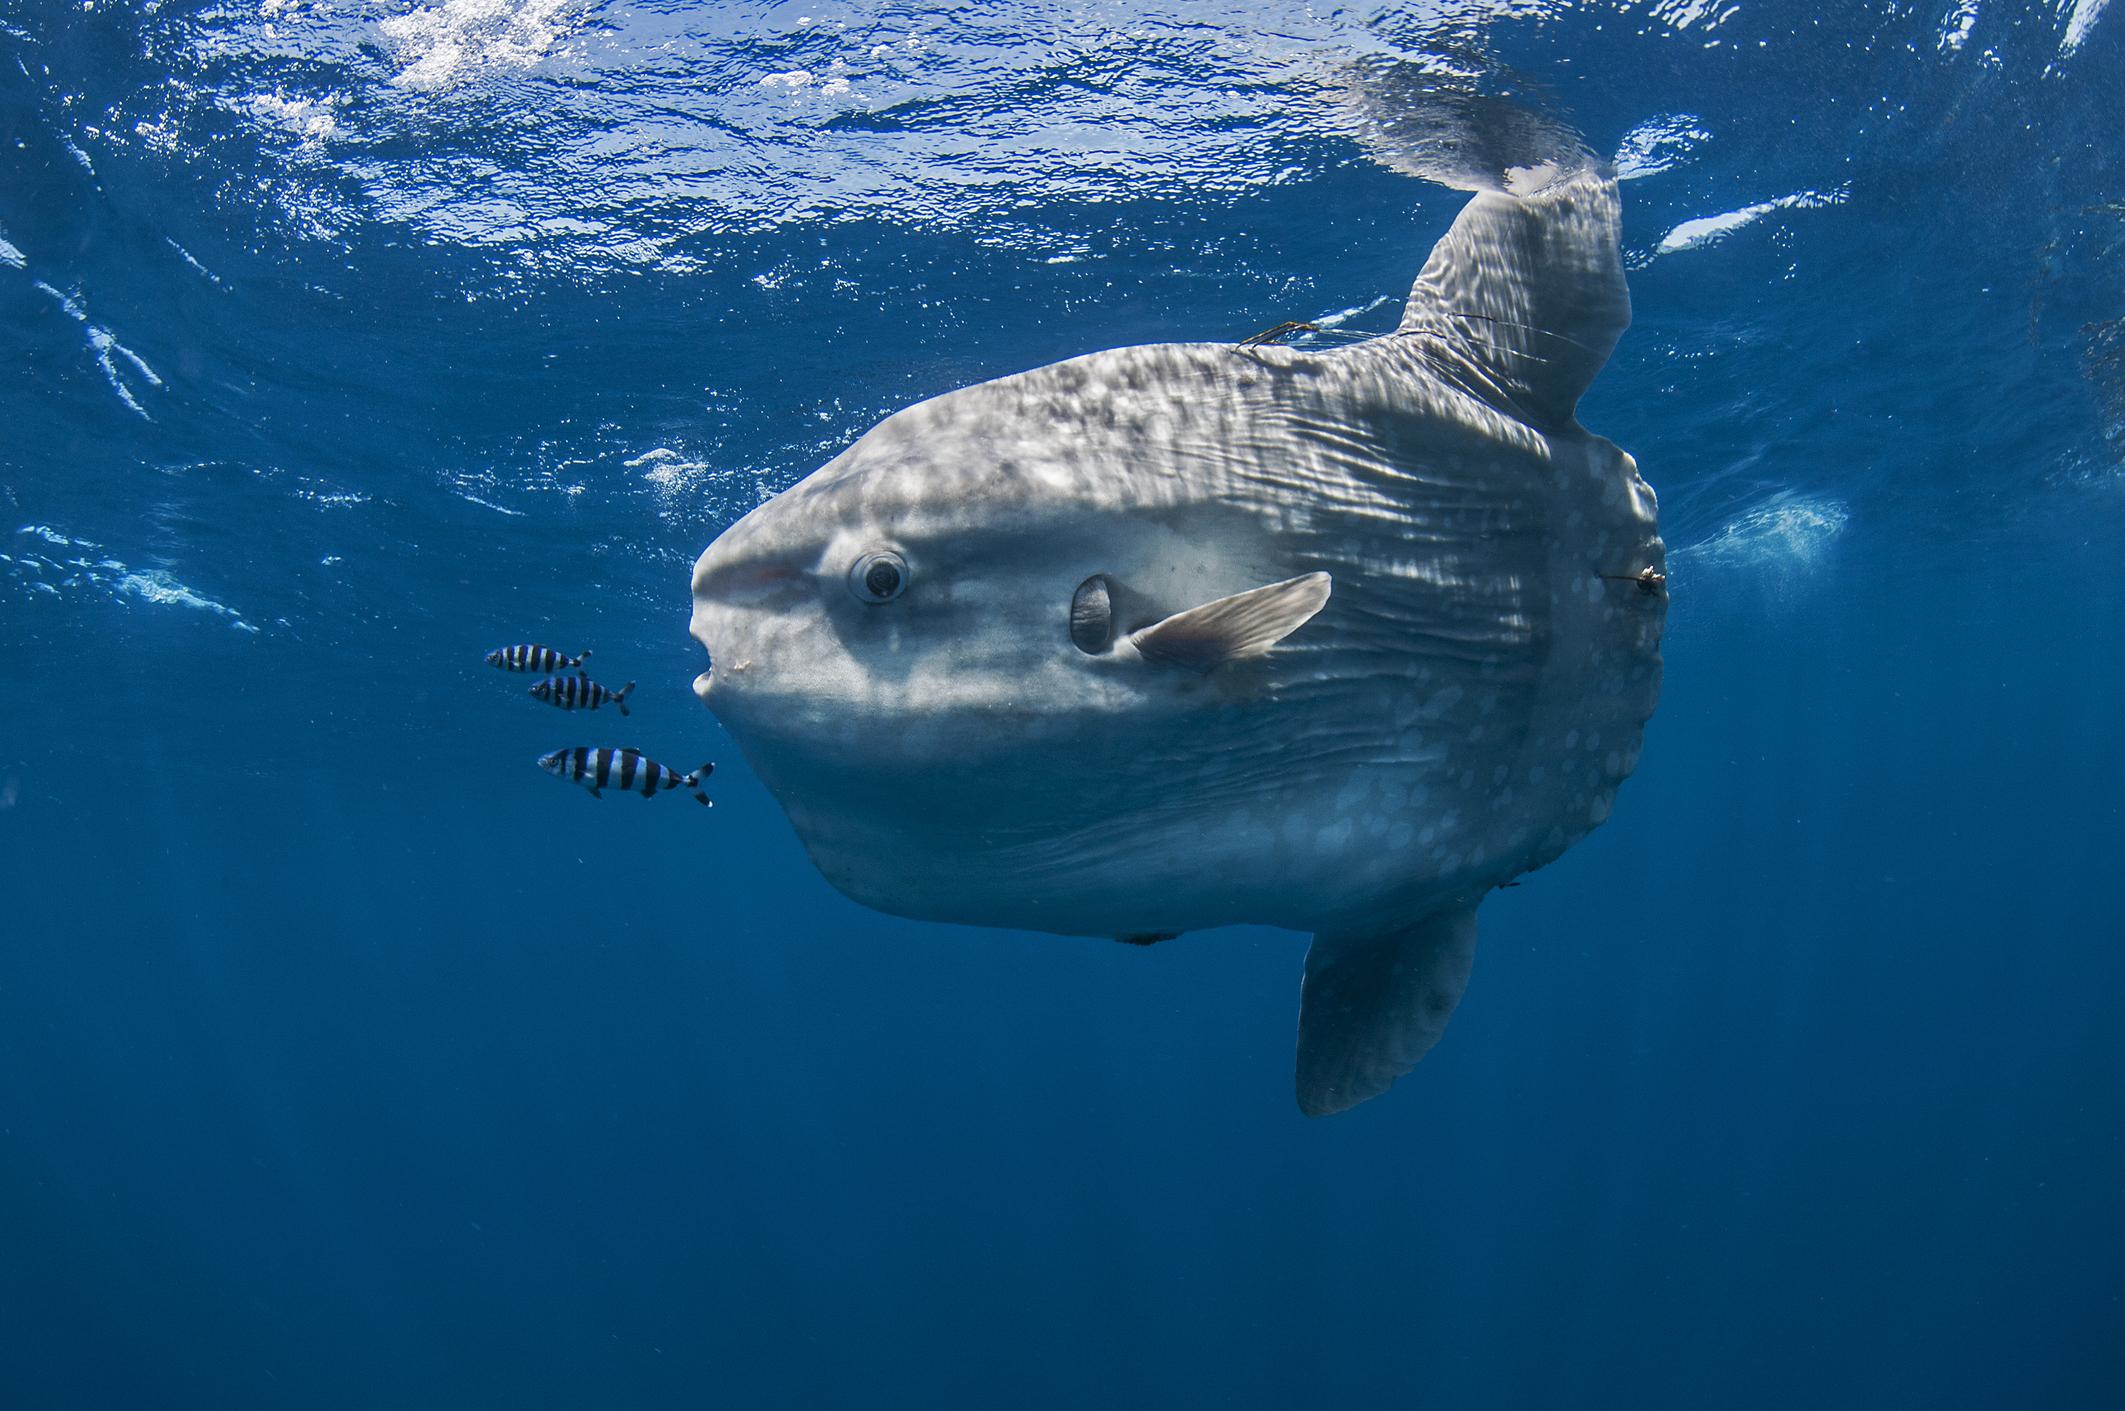 マンボウ~ヘッド・フィッシュとも呼ばれるユニークな姿の巨大魚